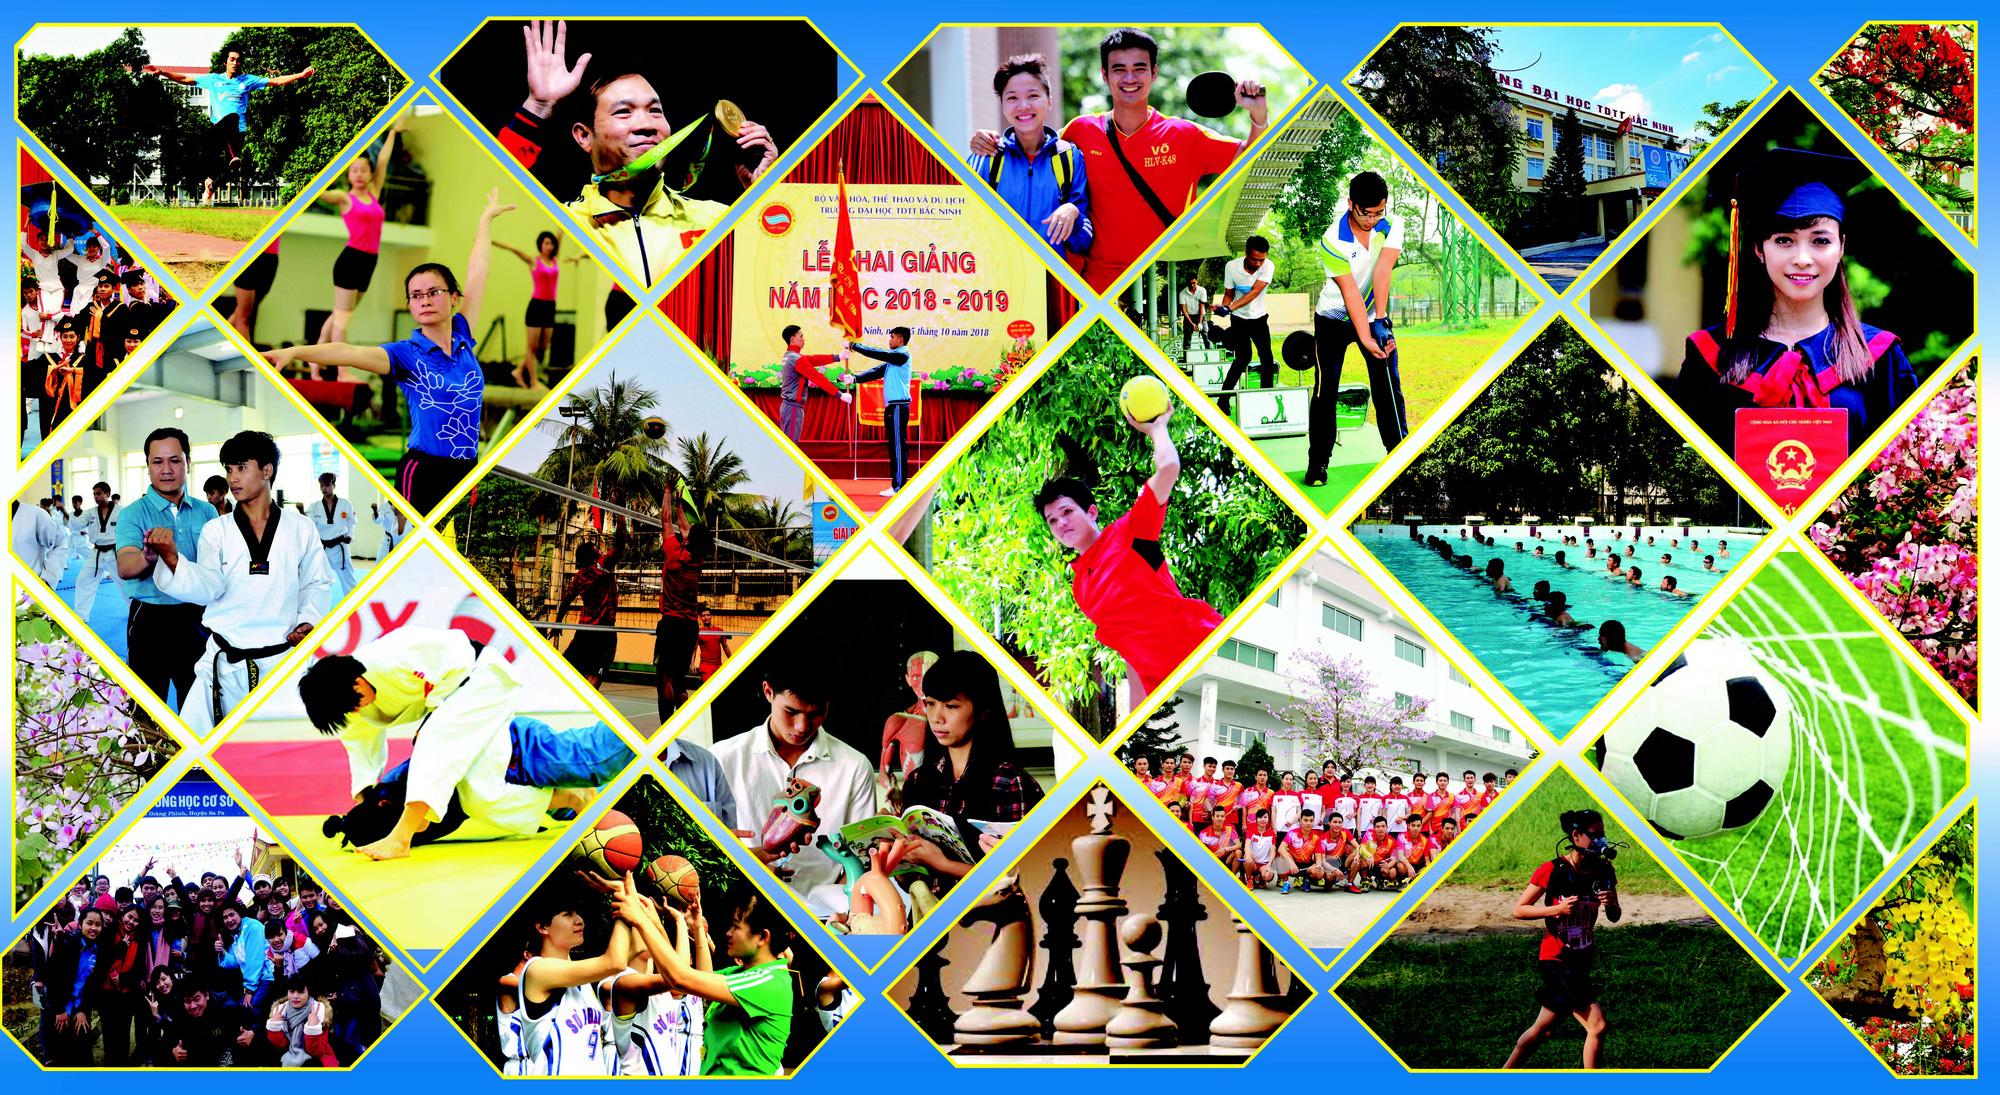 Trường Đại học Thể dục Thể thao Bắc Ninh bước lên tầm cao mới  - Ảnh 5.